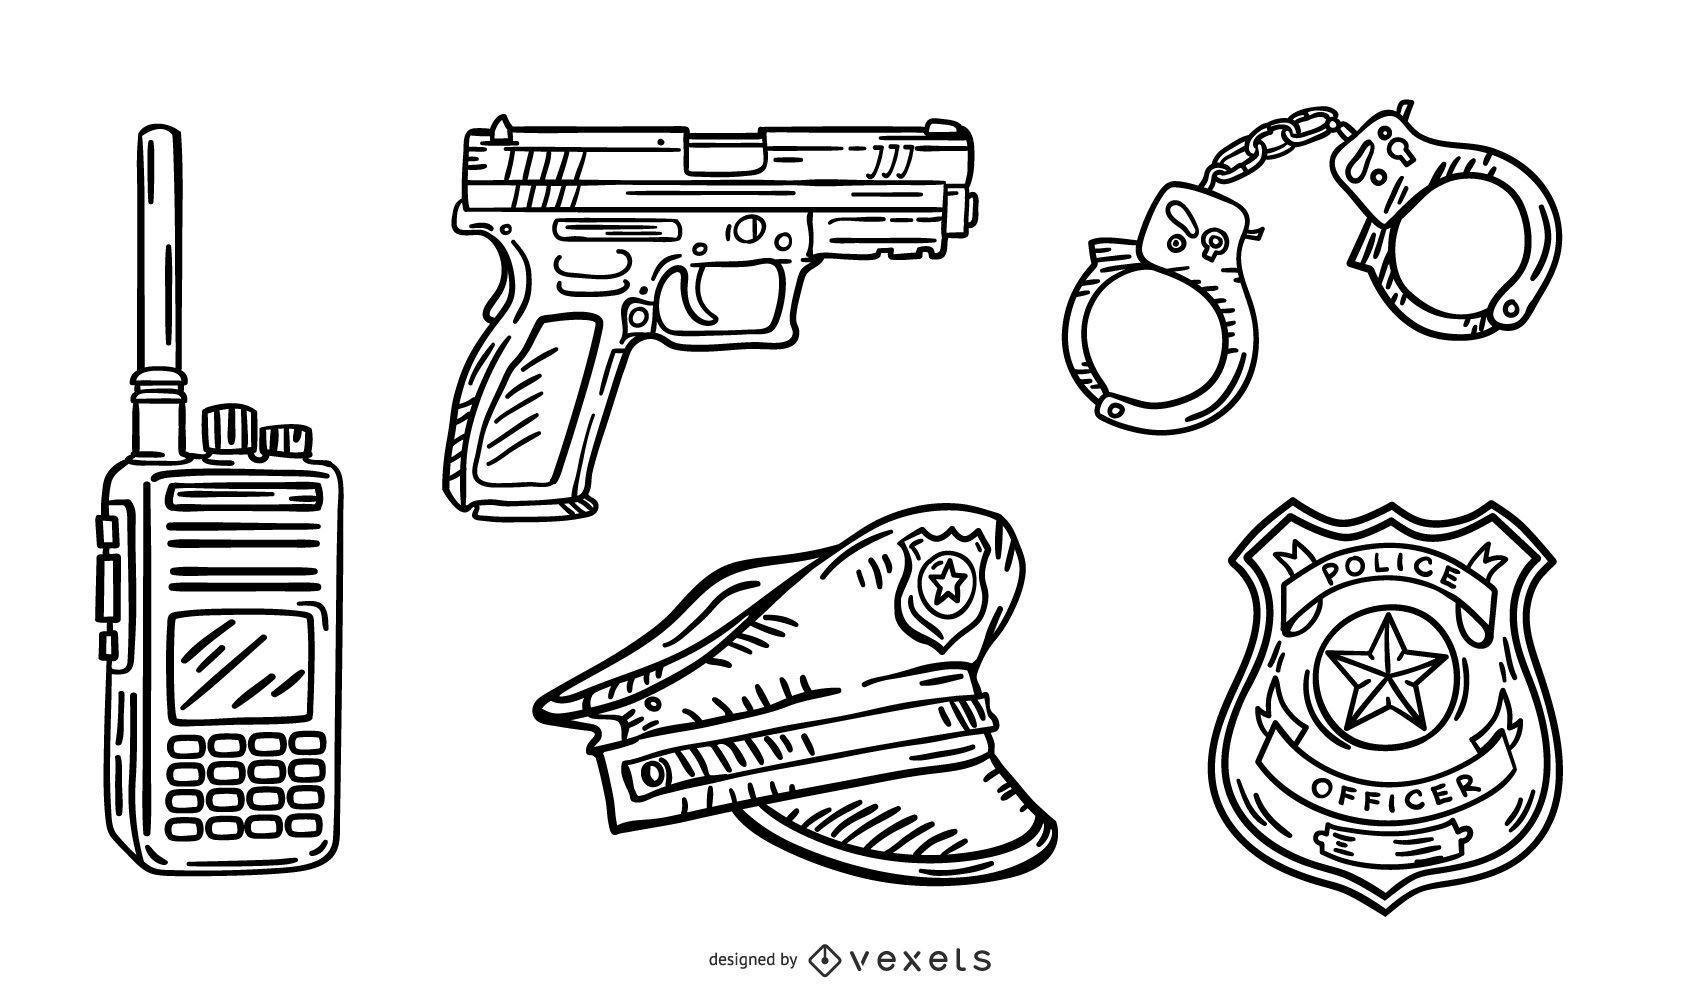 Police Elements Stroke Design Pack